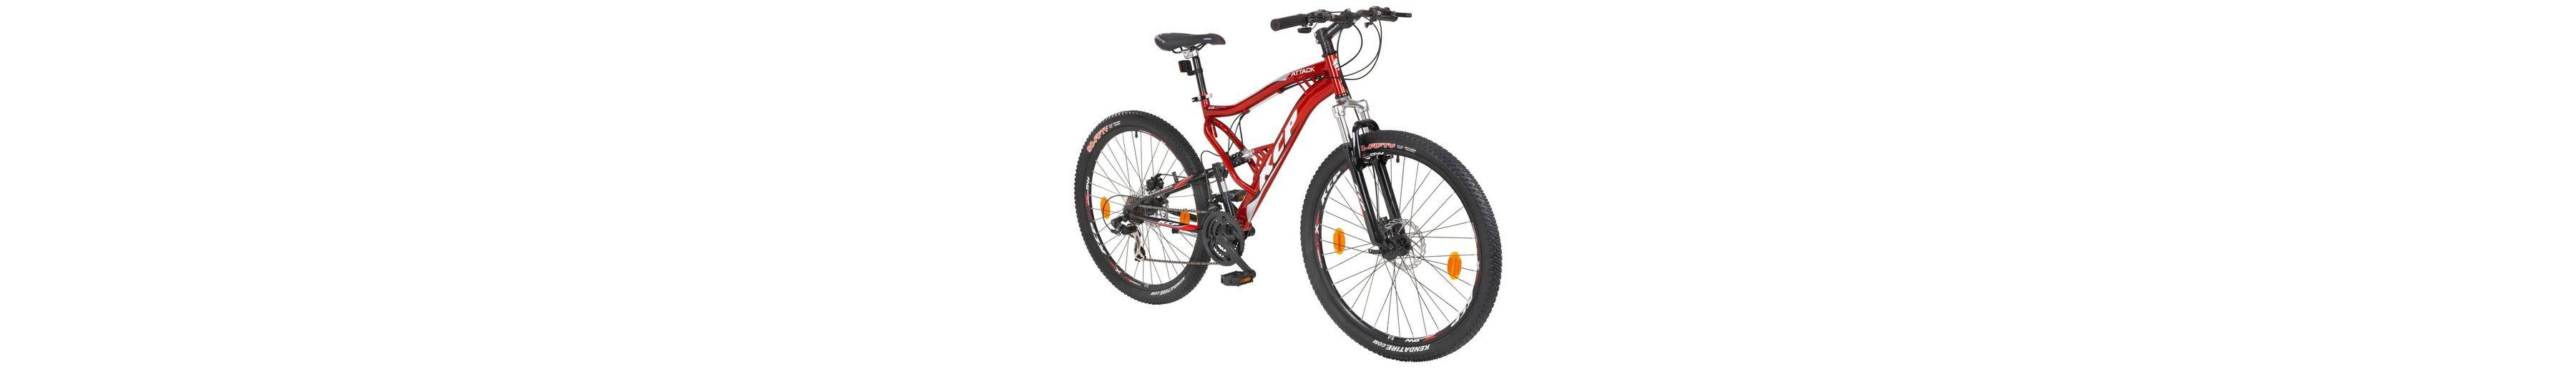 Mountainbike »ATTACK rot«, 27,5 Zoll, 21 Gang, Scheibenbremsen